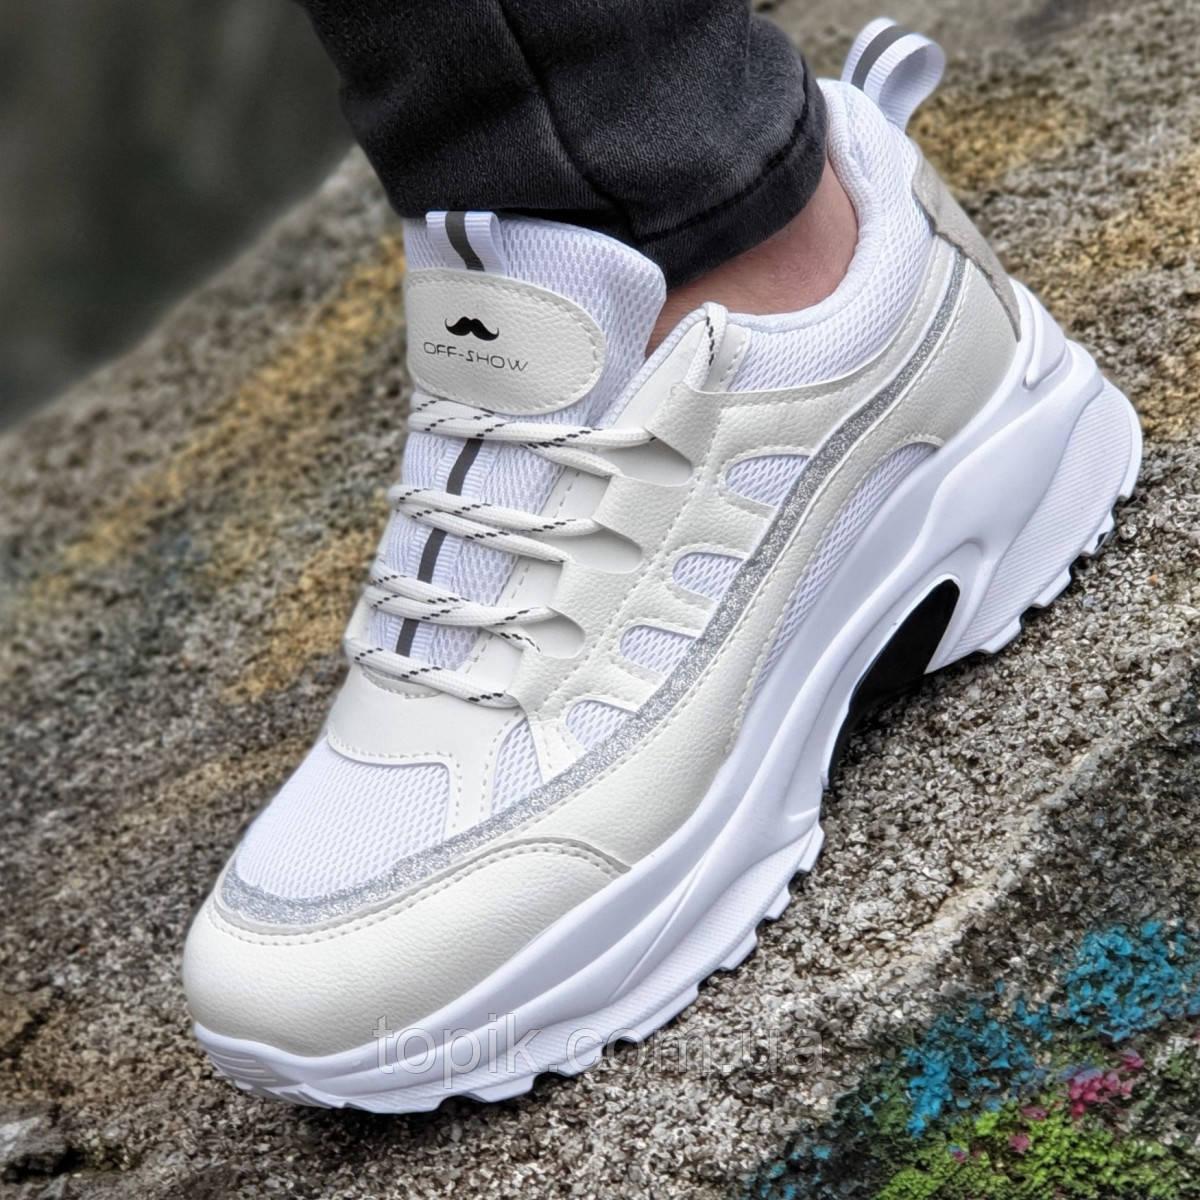 03fcb9aa Женские белые кроссовки сетка мягкие и удобные адаптивная стелька на весну  лето (Код: 1342